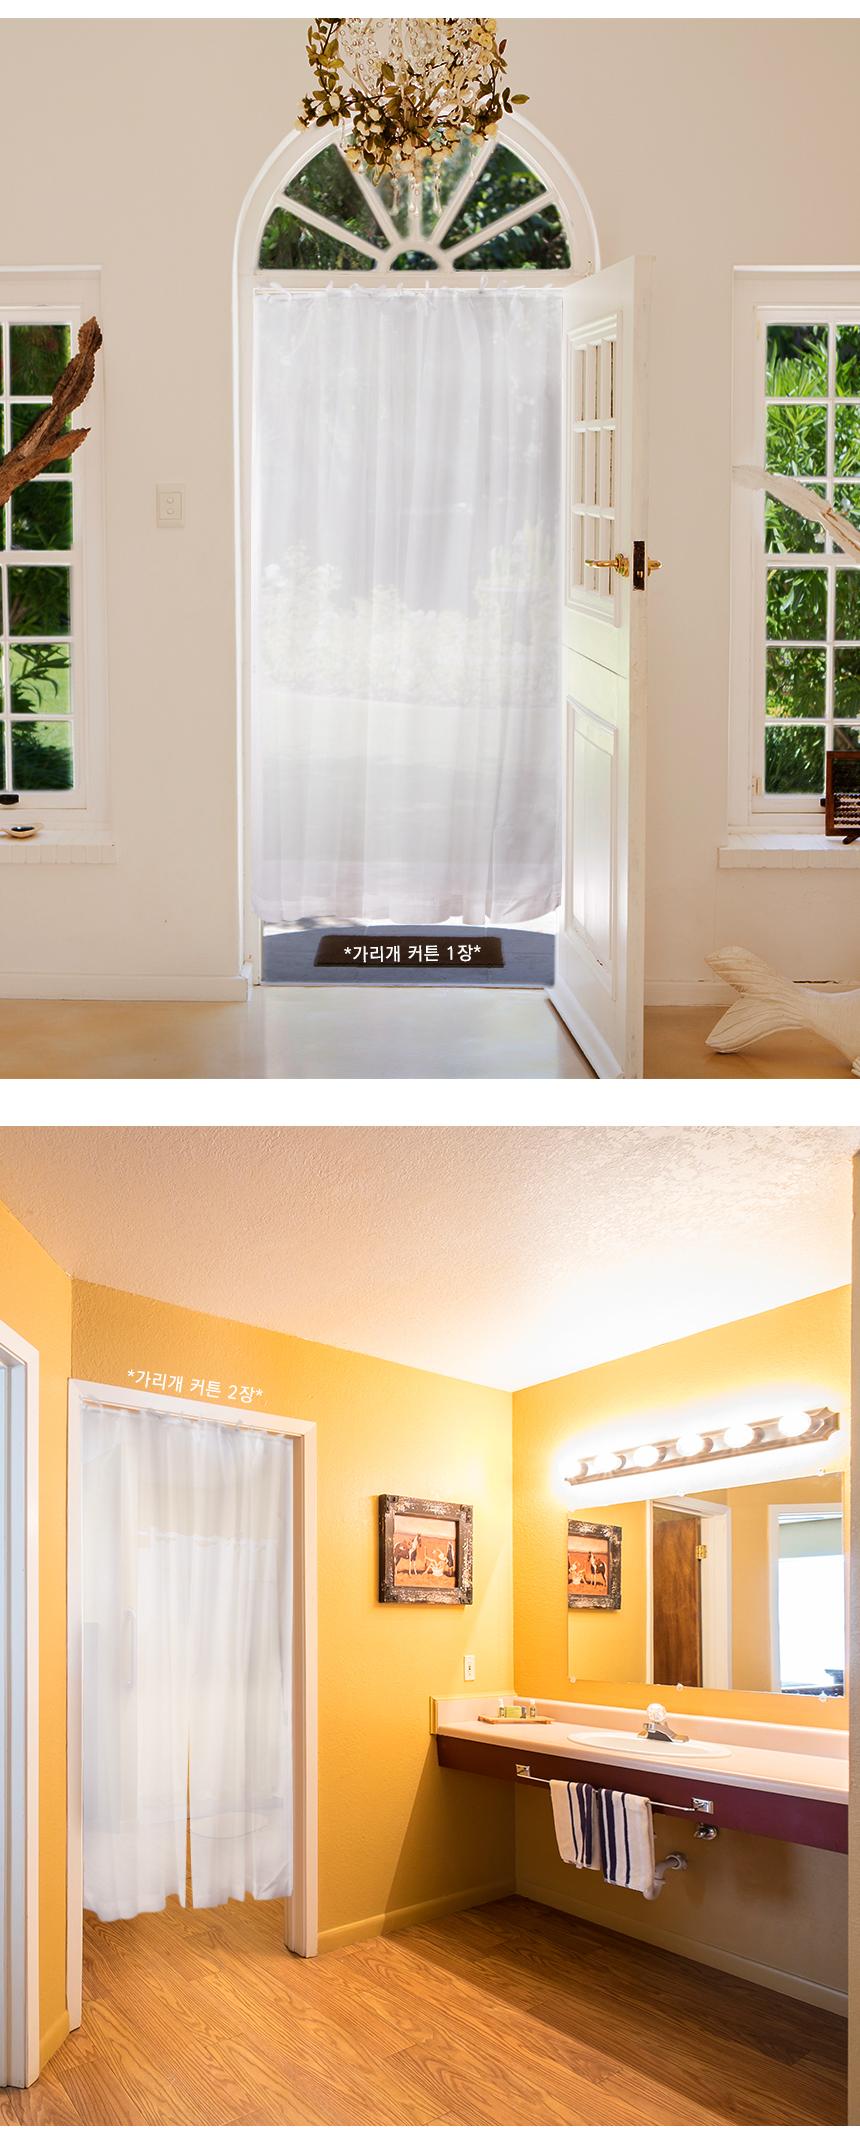 방문가리개 창문가리개 가림막 바람막이 커튼 - 몽트노블, 17,900원, 파티션, 홈파티션